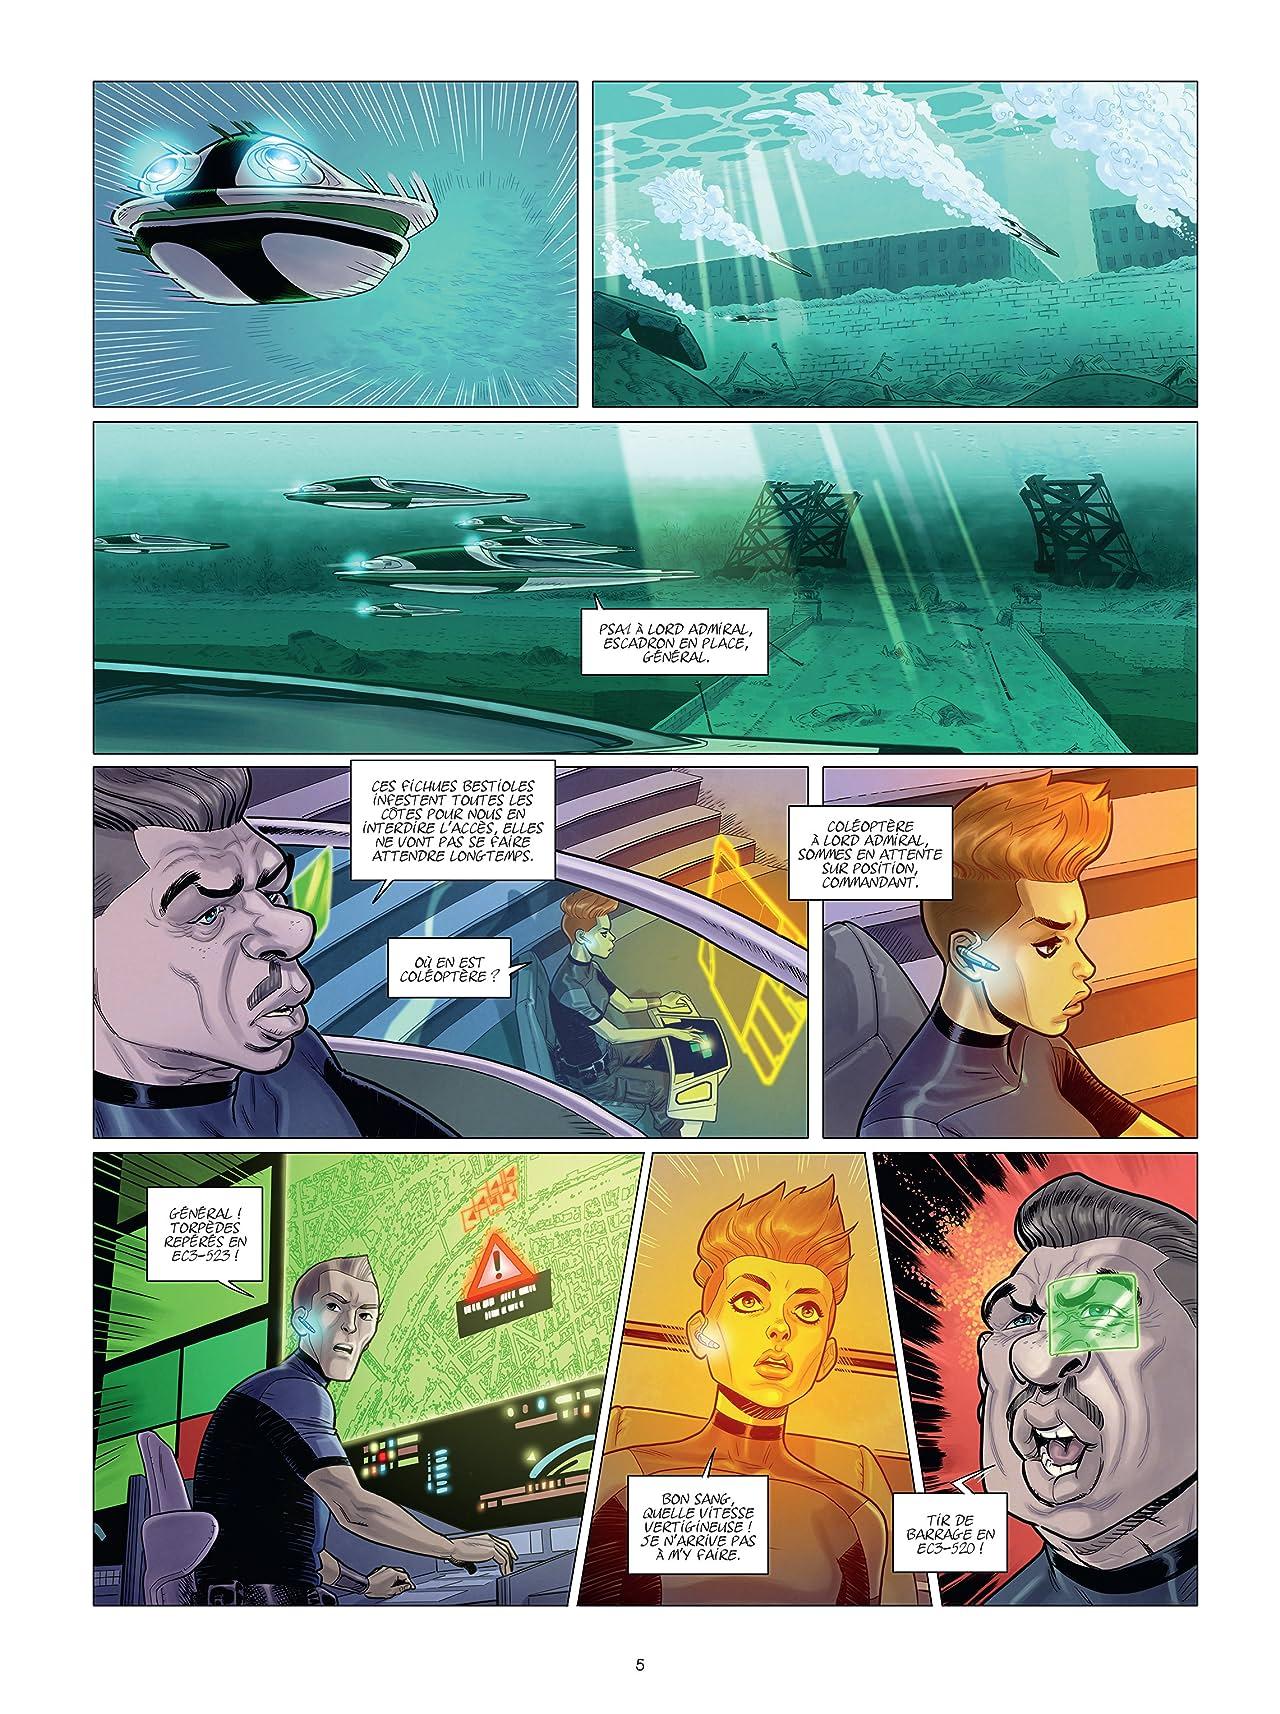 La Peur géante Vol. 2: L'Ennemi des profondeurs